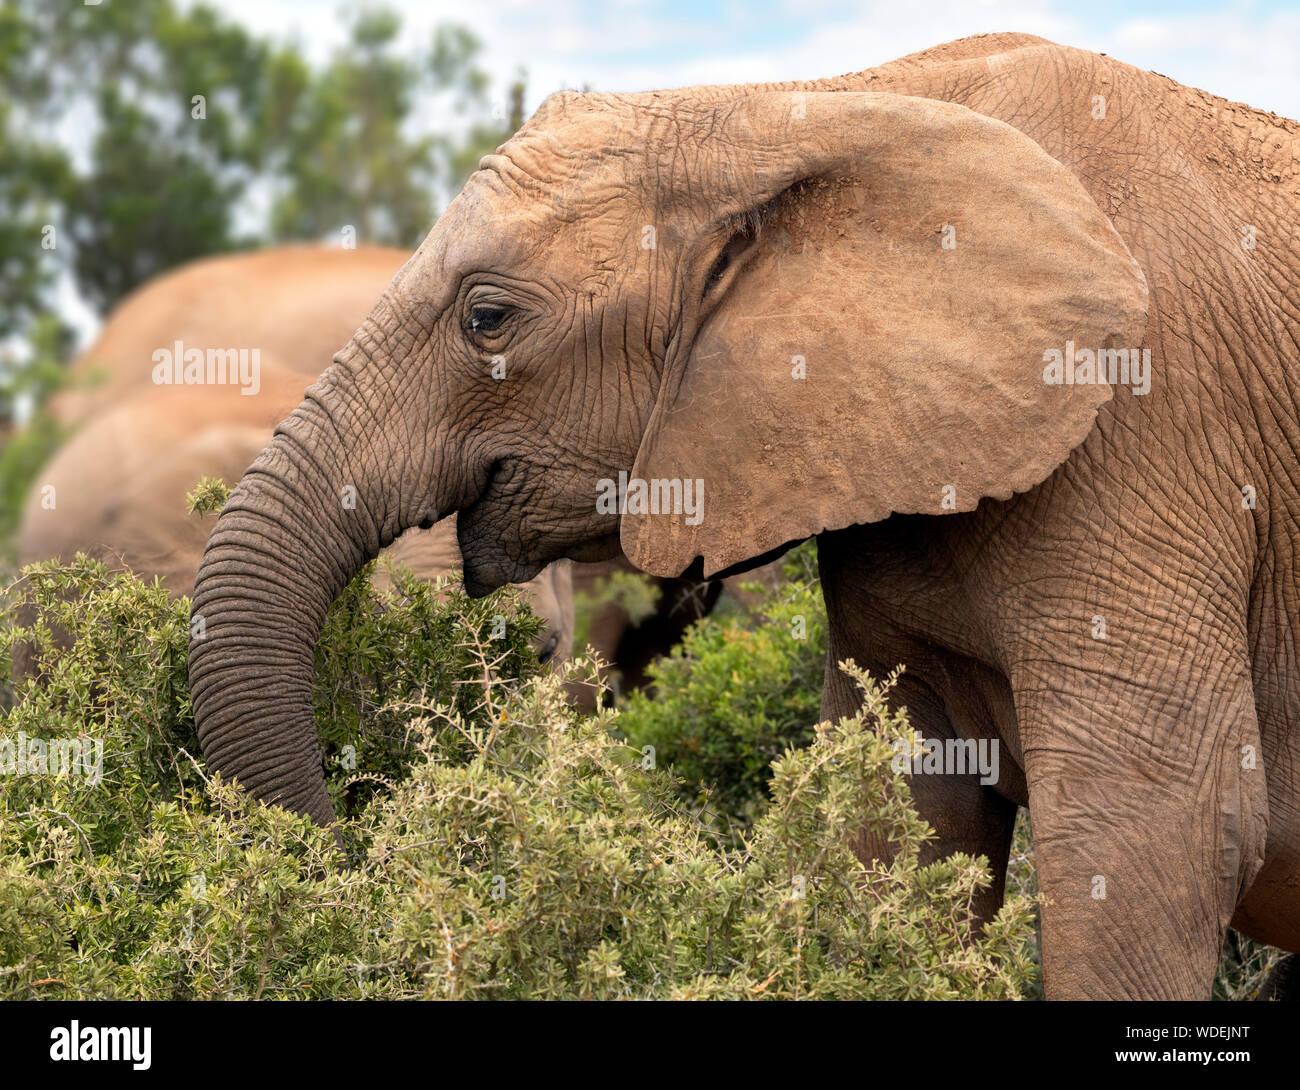 Elefante africano (Loxodonta africana) el pastoreo en el Parque Nacional de Elefantes Addo, Port Elizabeth, Eastern Cape, Sudáfrica Foto de stock